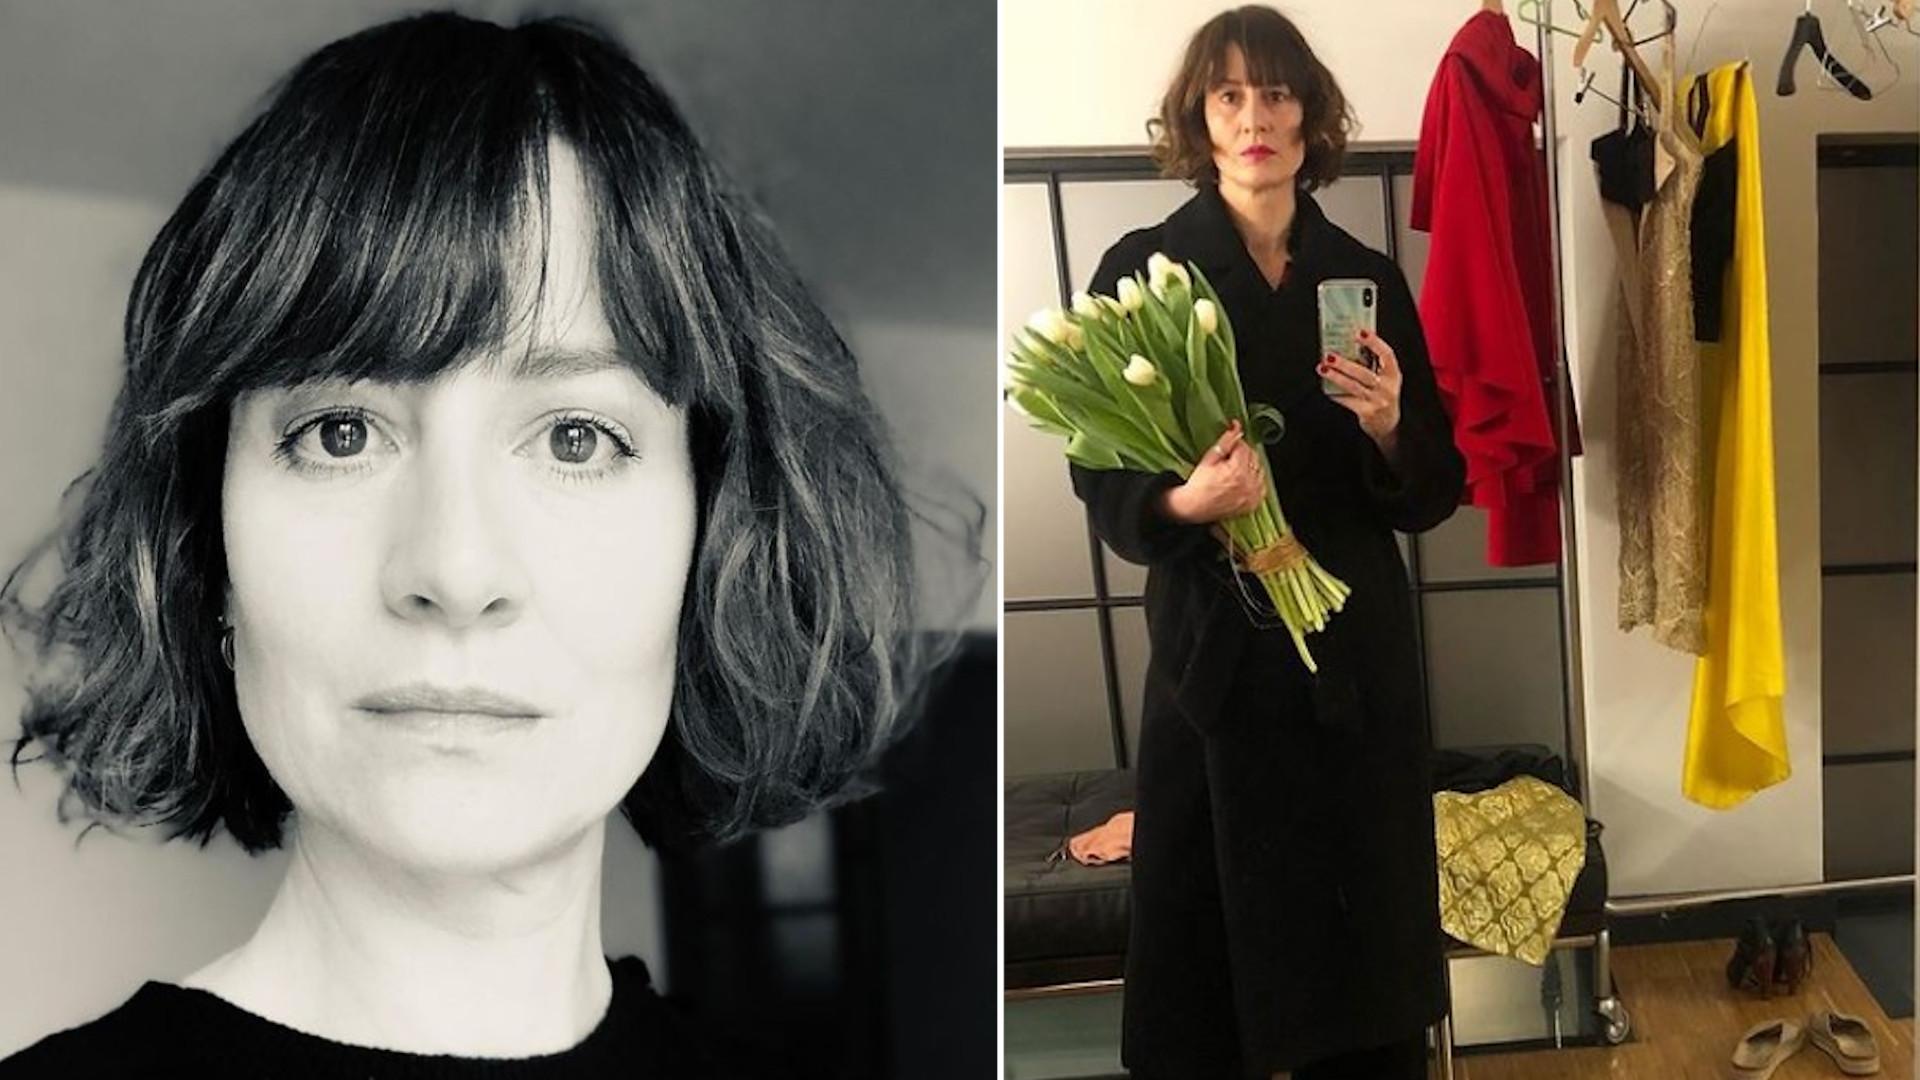 Teraz głos zabrała Maja Ostaszewska. Także doświadczyła przemocy w szkole teatralnej